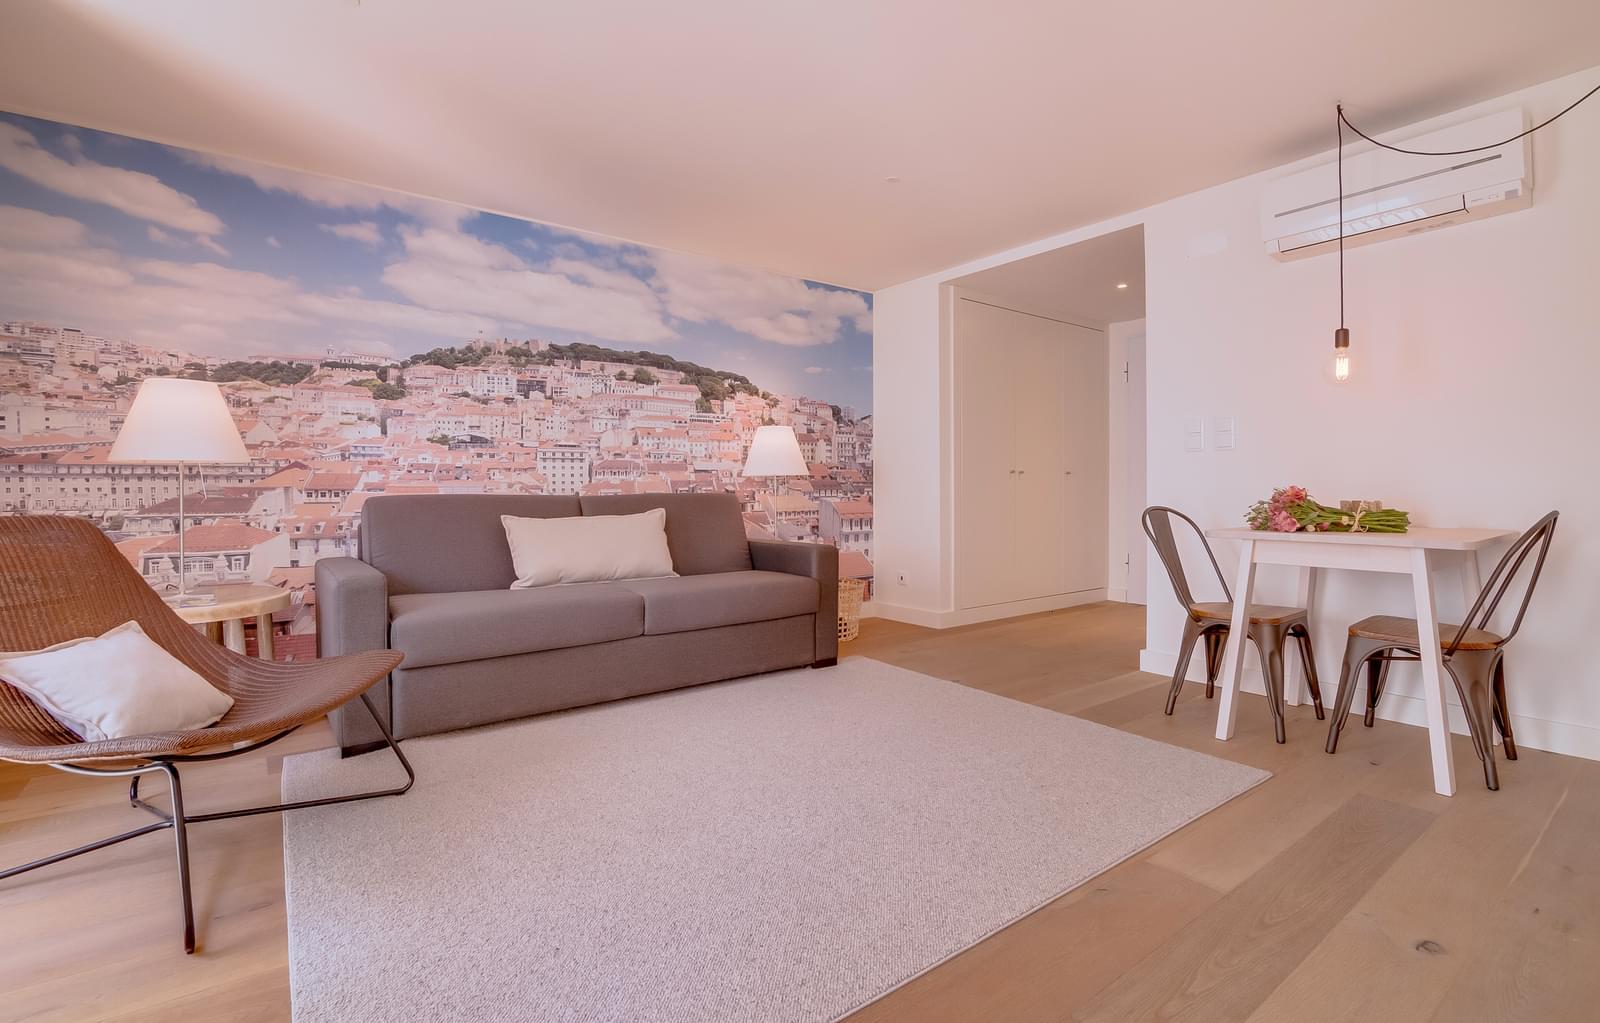 pf16967-apartamento-t0-lisboa-39301d79-9e63-40f1-8850-9dfc83658c60